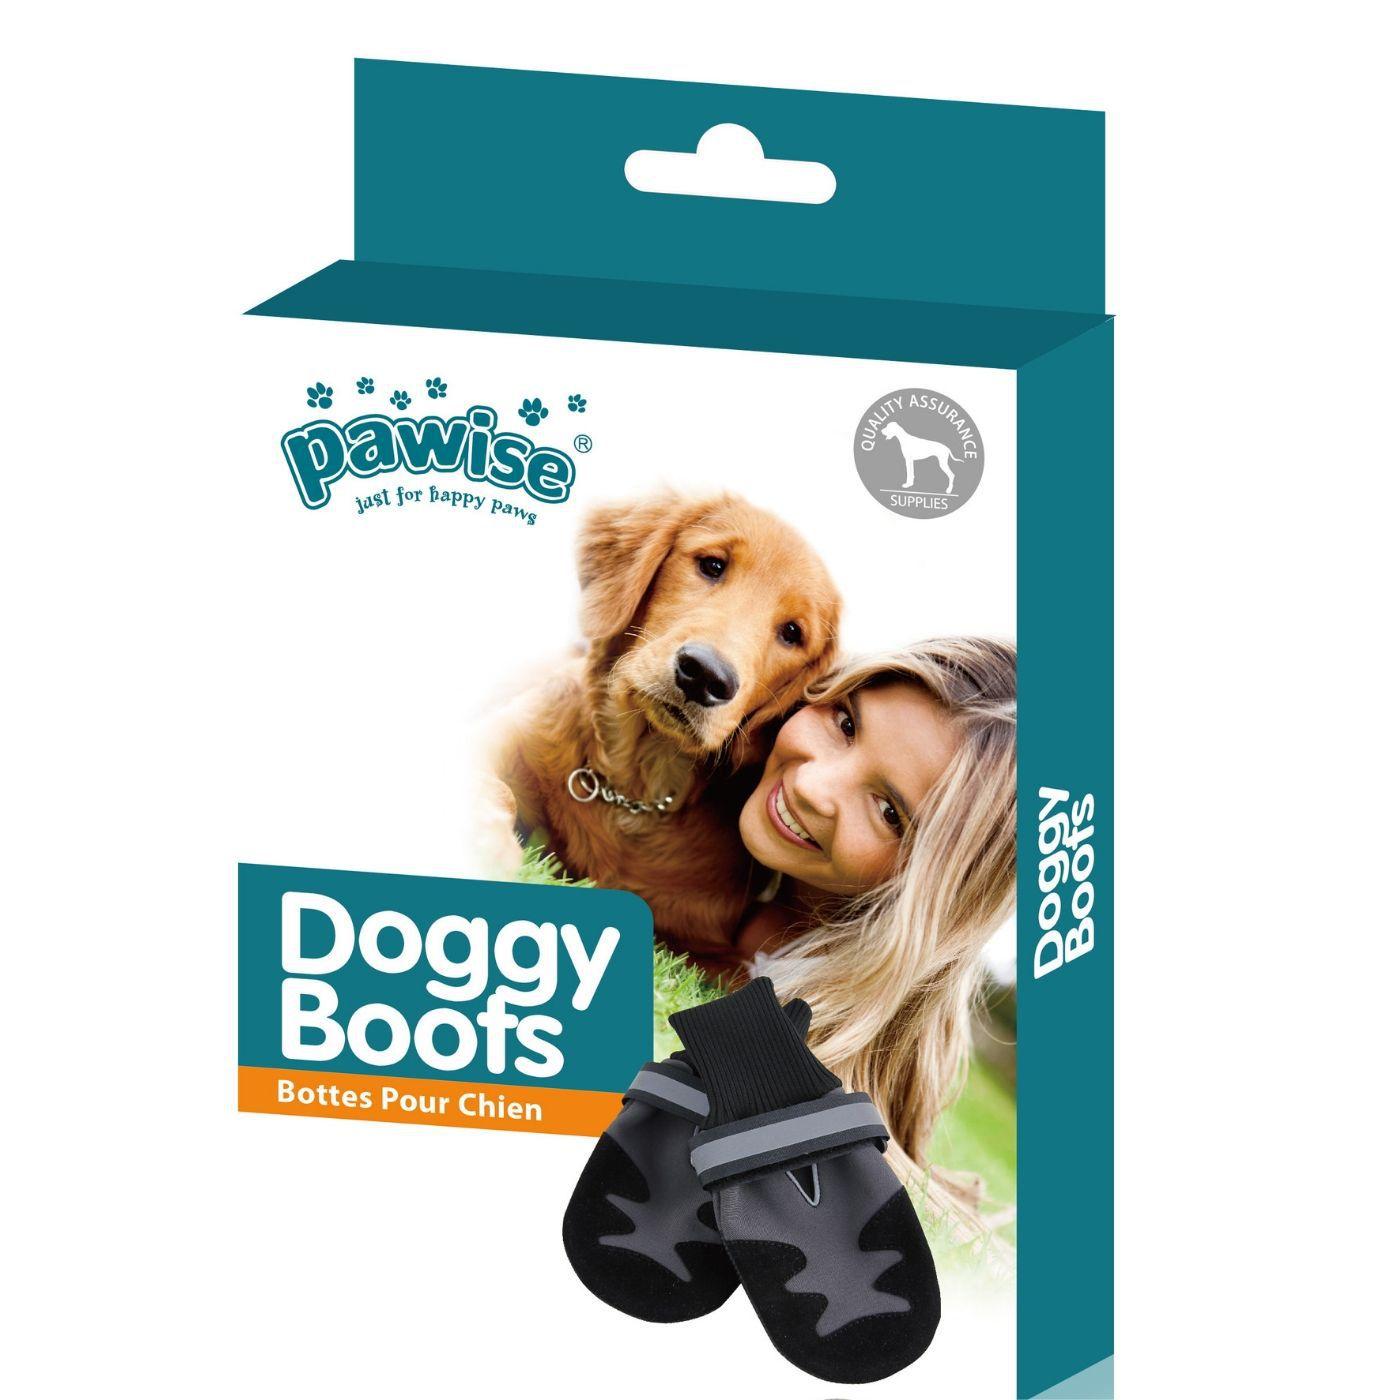 Sapato Ajustável para Cachorro PP Pawise  (Contém 1 par)